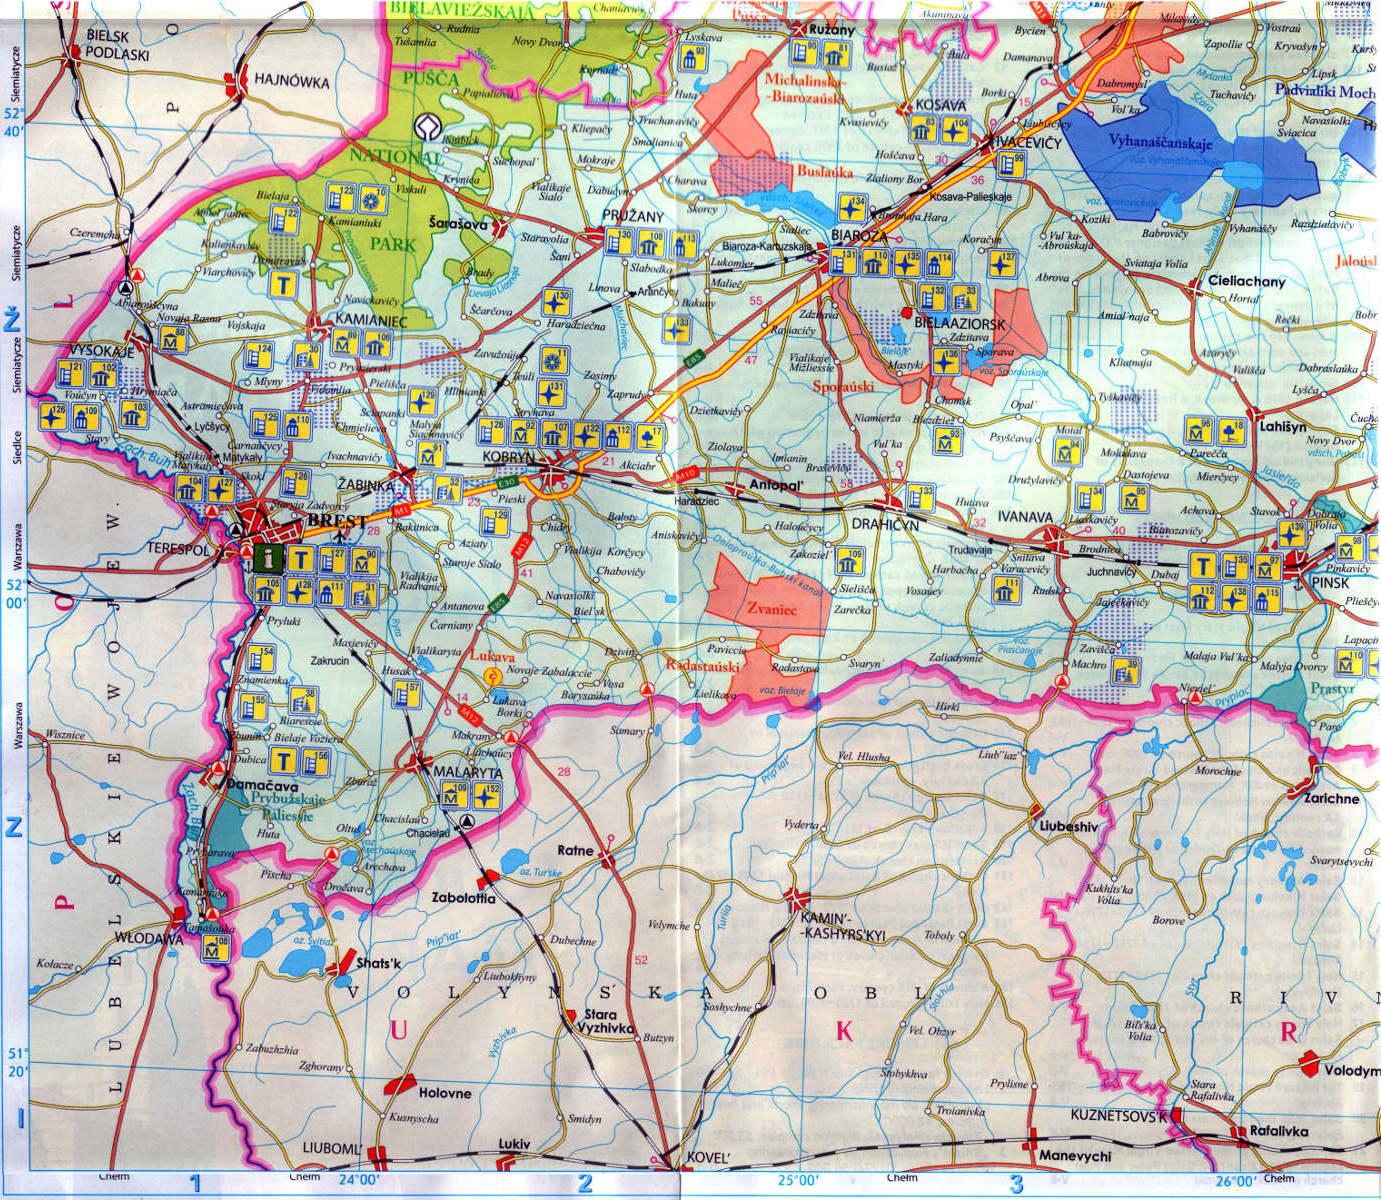 Belarus on map BELOVEGSKAYA PUSCHA BREST Kobrin Pinsk Kossovo